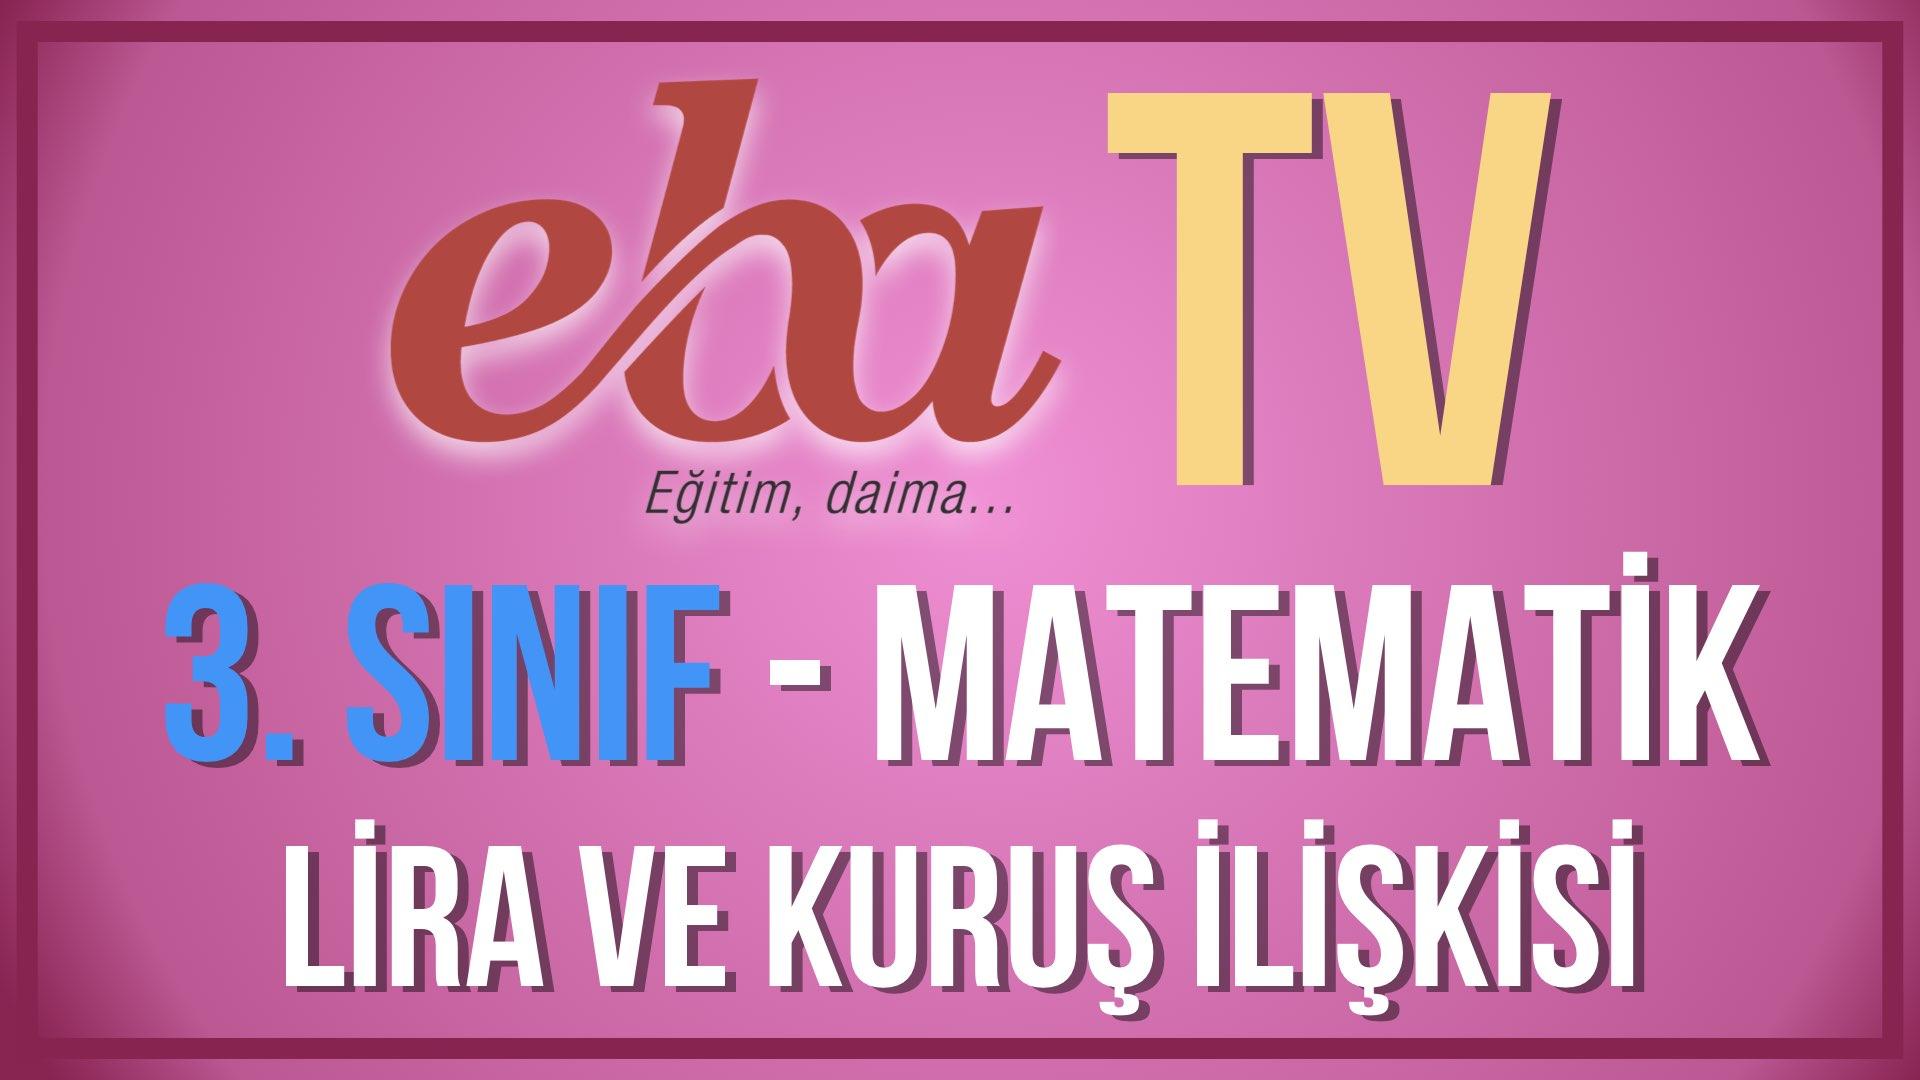 EBA TV - 1. Sınıf Matematik - Lira ve Kuruş İlişkisi